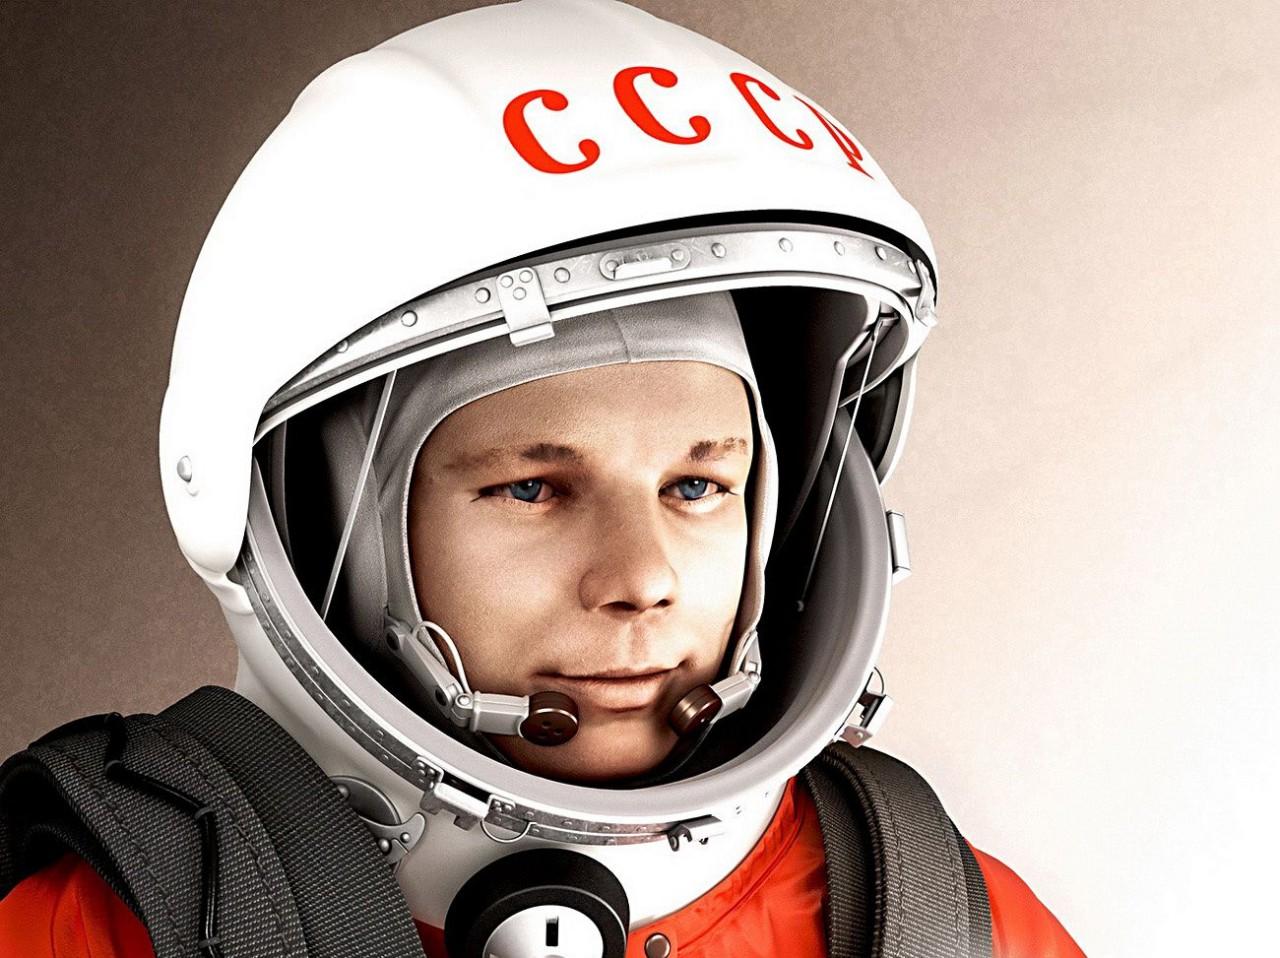 Невероятно! Гагарин вступал в контакт с представителями иной цивилизации и докладывал об этом руководству